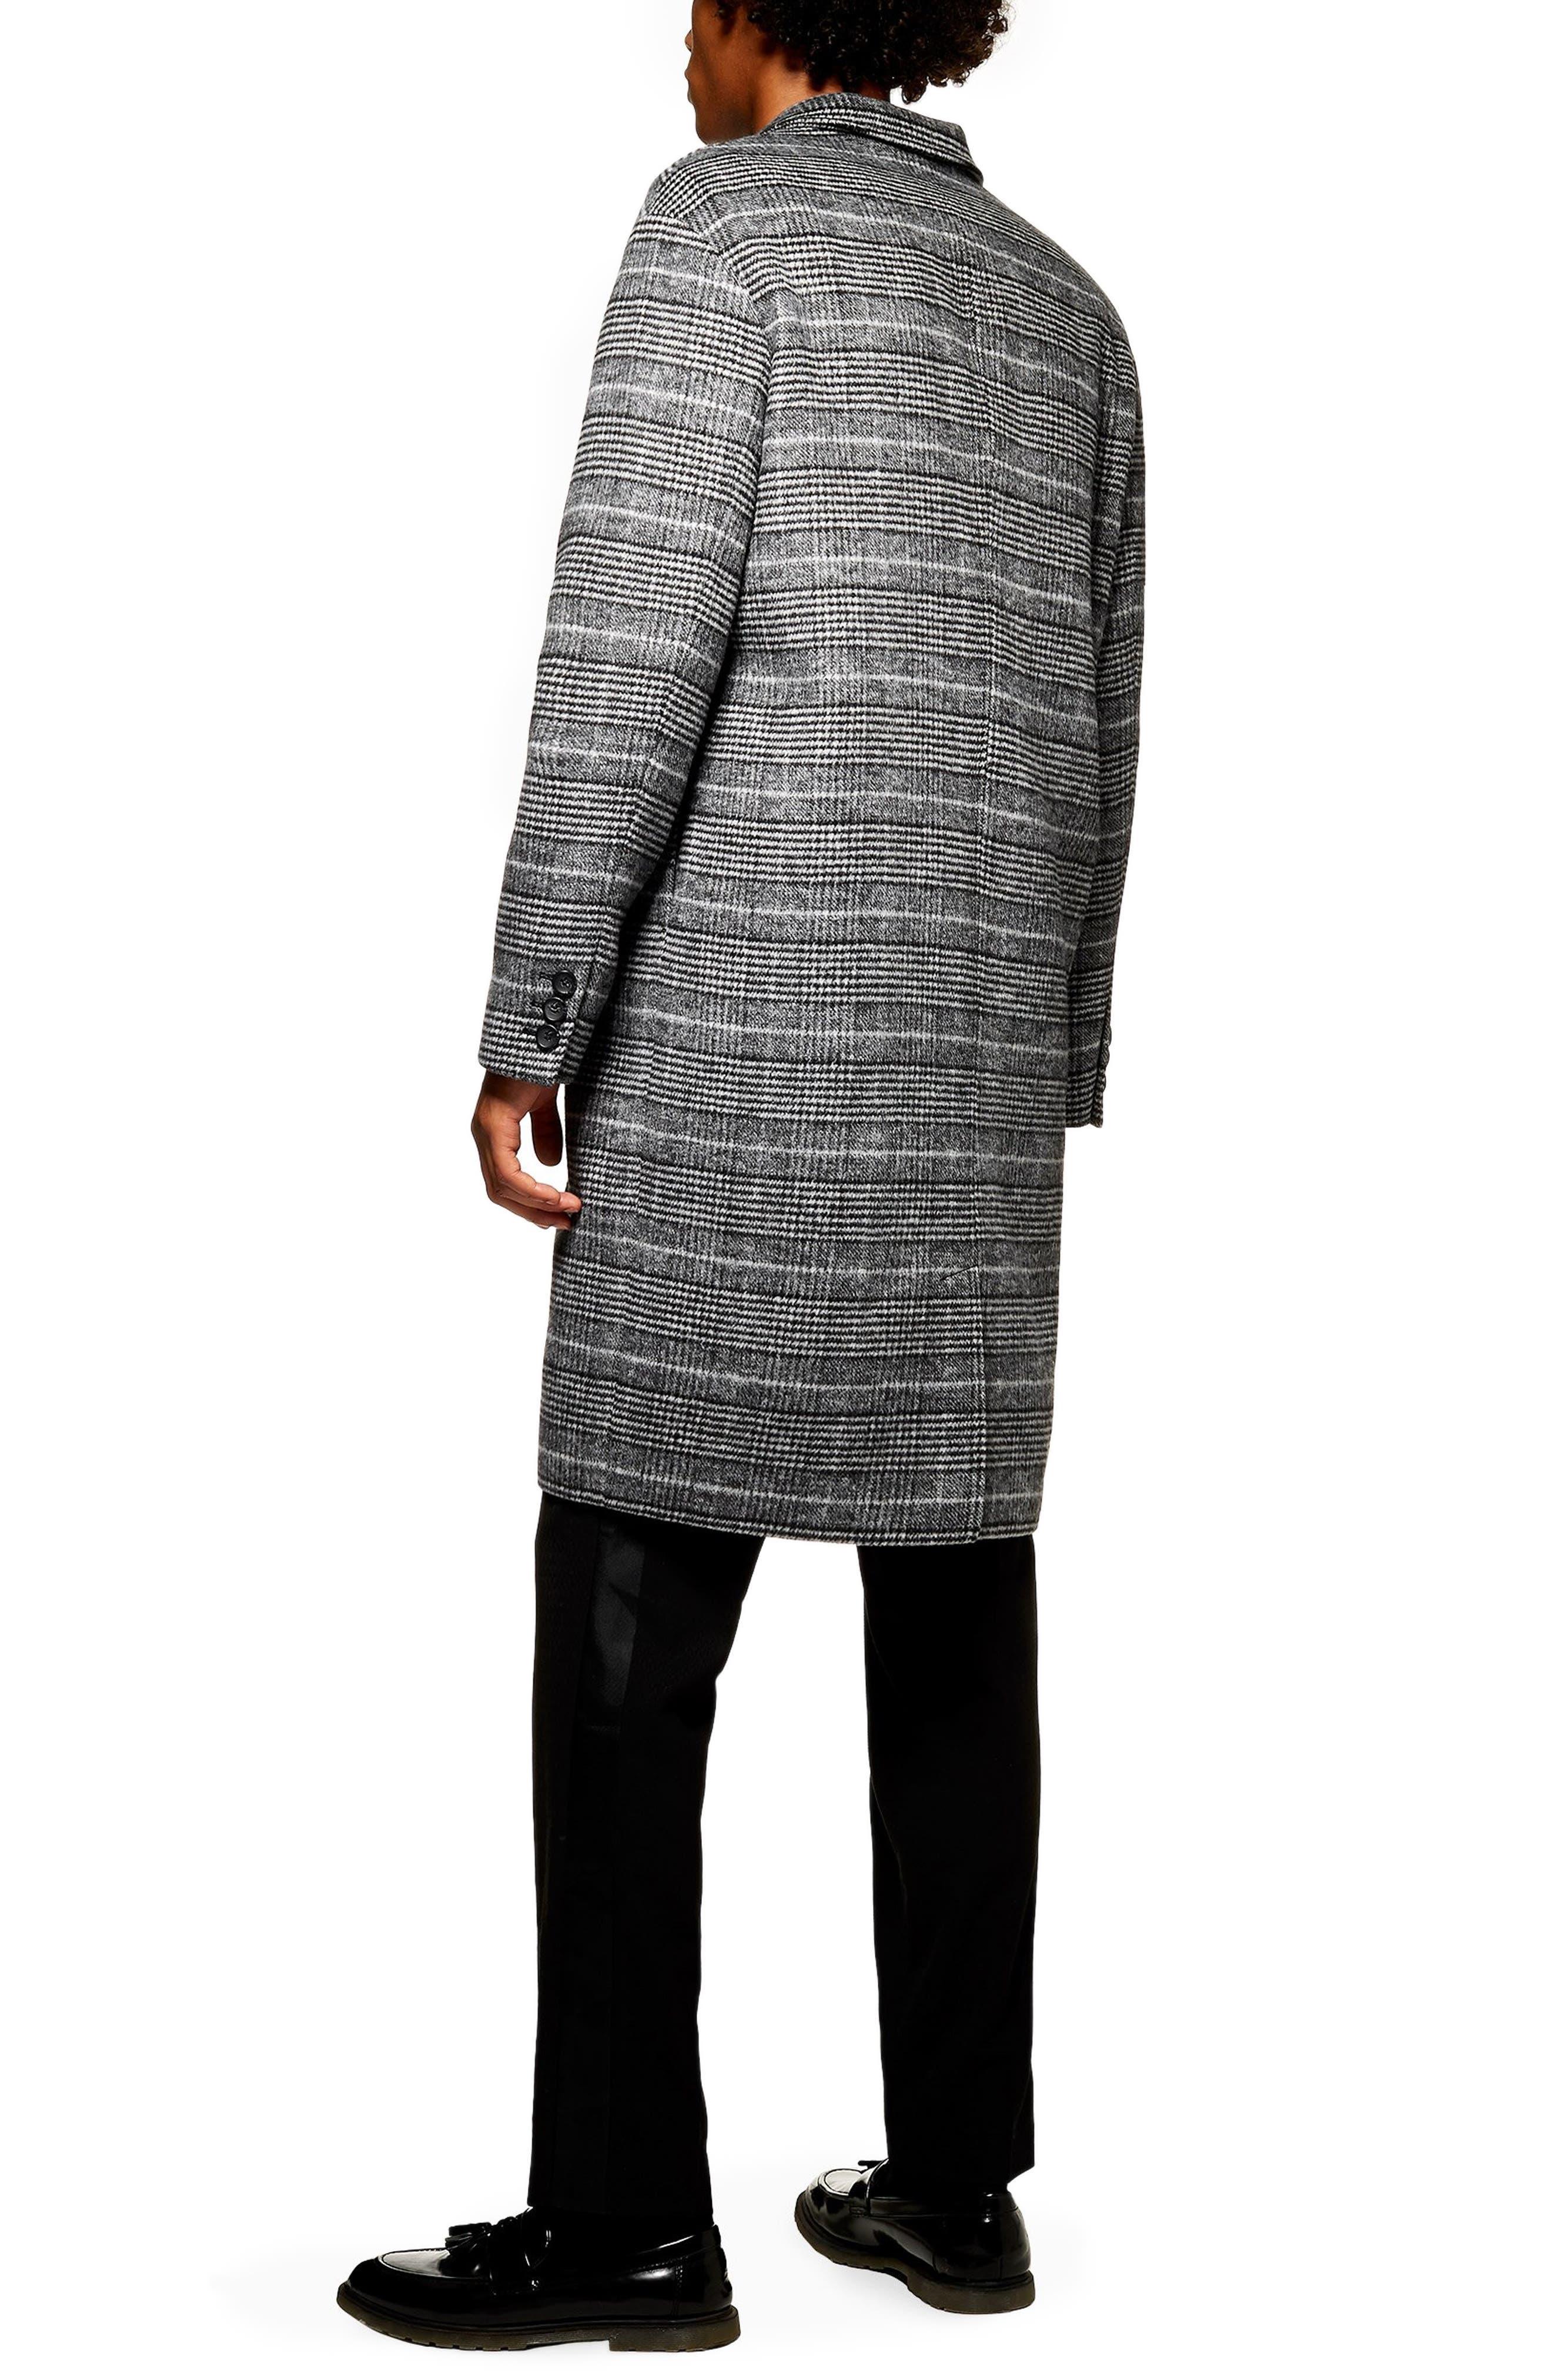 TOPMAN,                             Hayden Check Print Overcoat,                             Alternate thumbnail 2, color,                             020